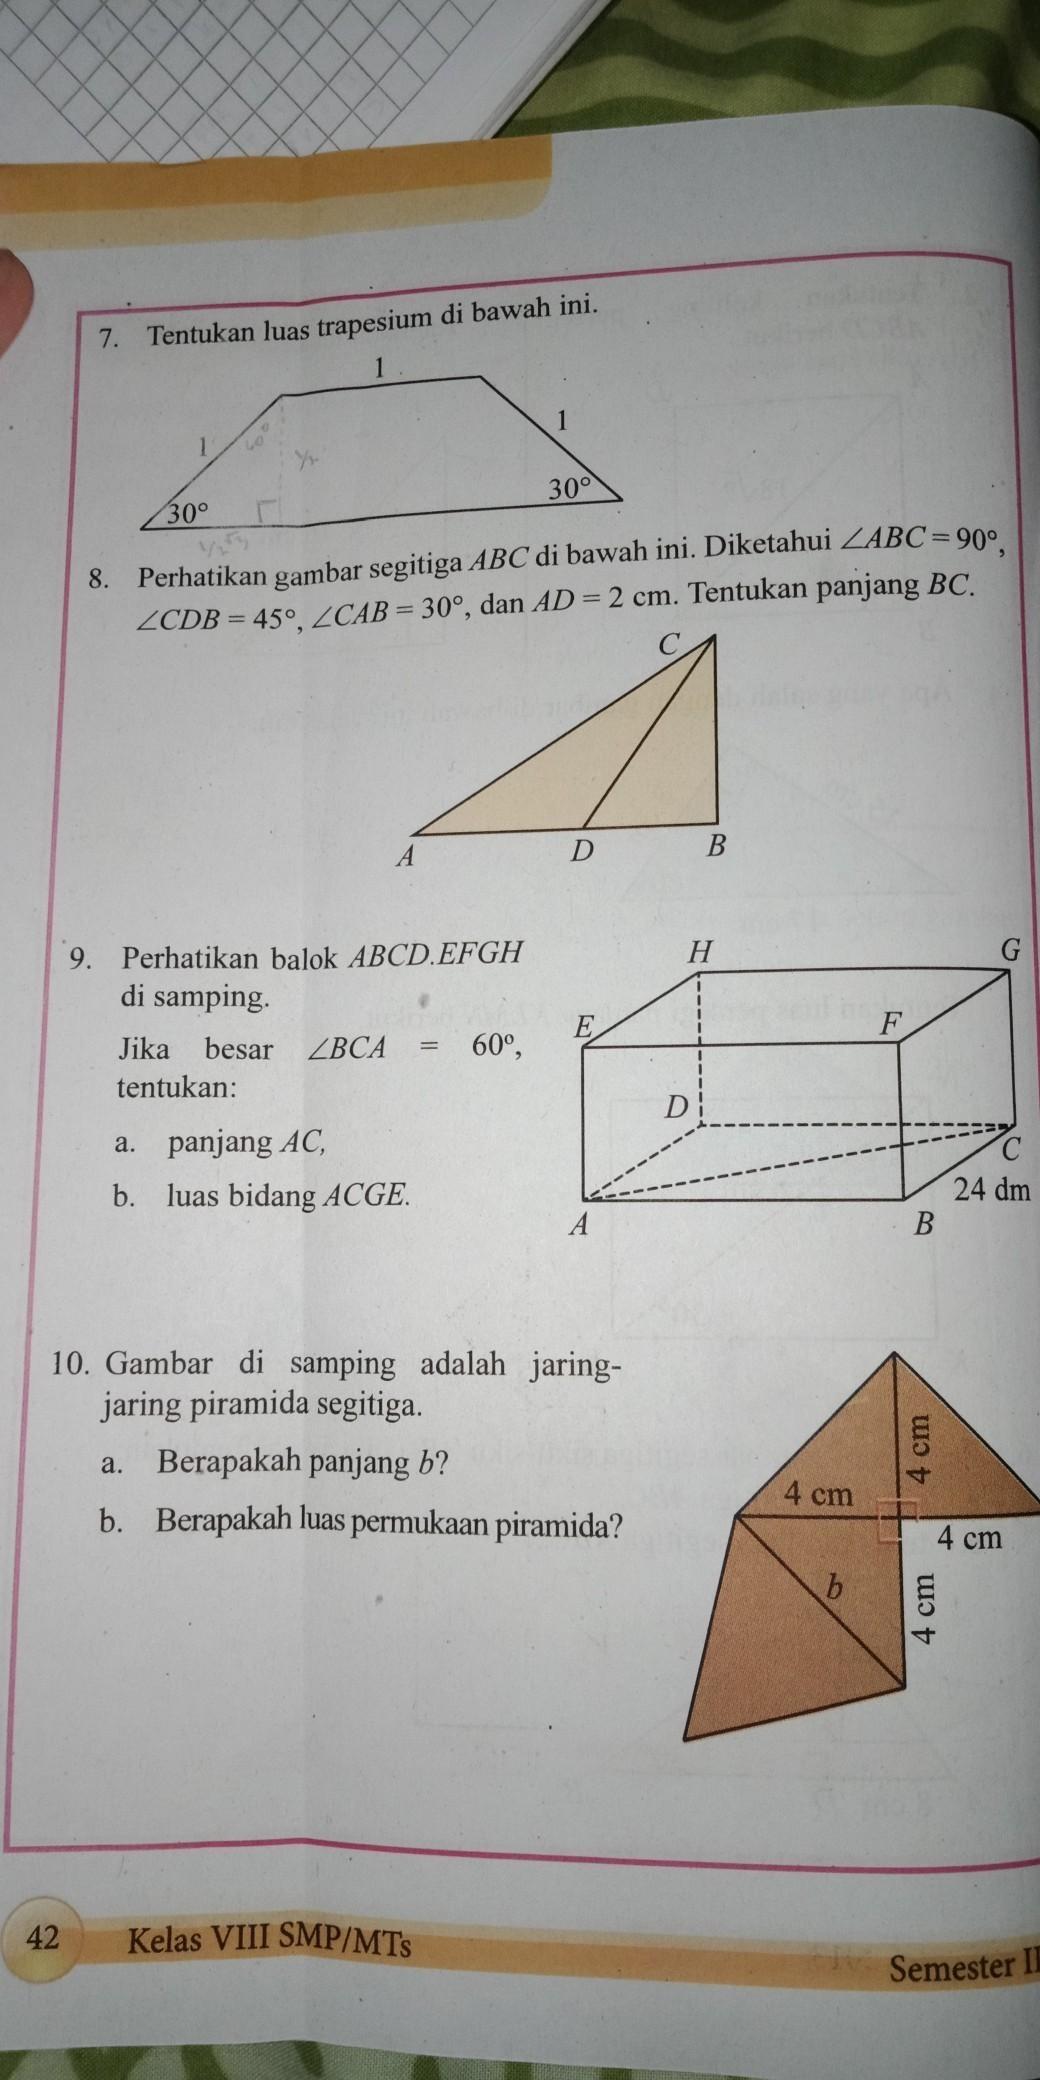 Jawaban Soal Matematika Kelas 8 Semester 2 Hal 40 Sampai 42 Nomer 8 Sampai 10 Brainly Co Id